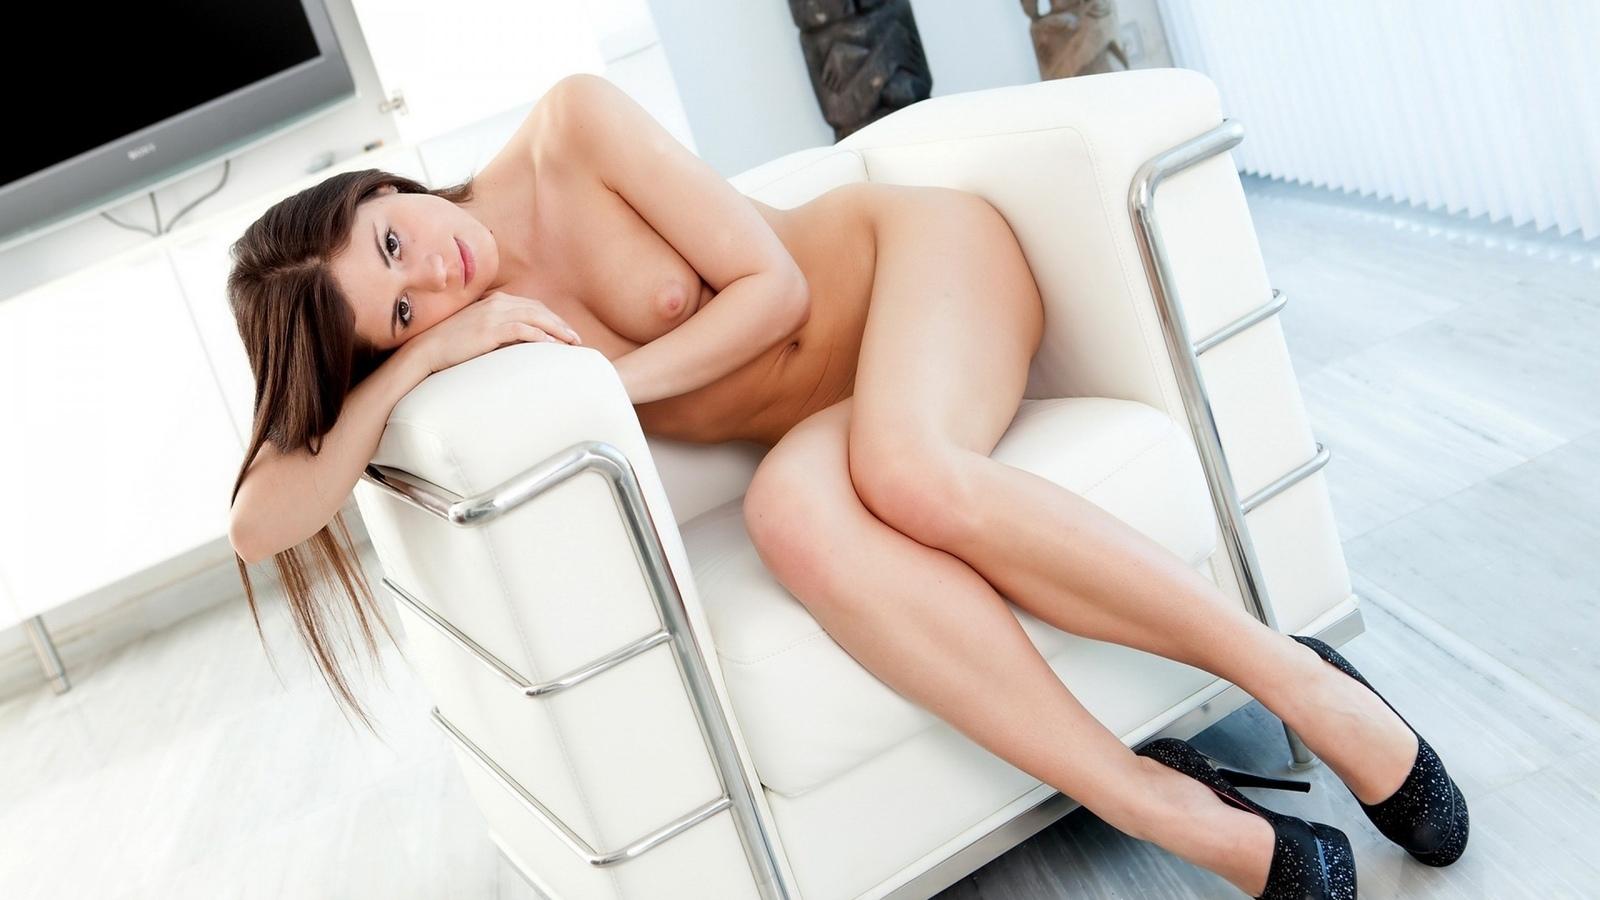 в кресле, позирует, грустная, красивая, обнаженная